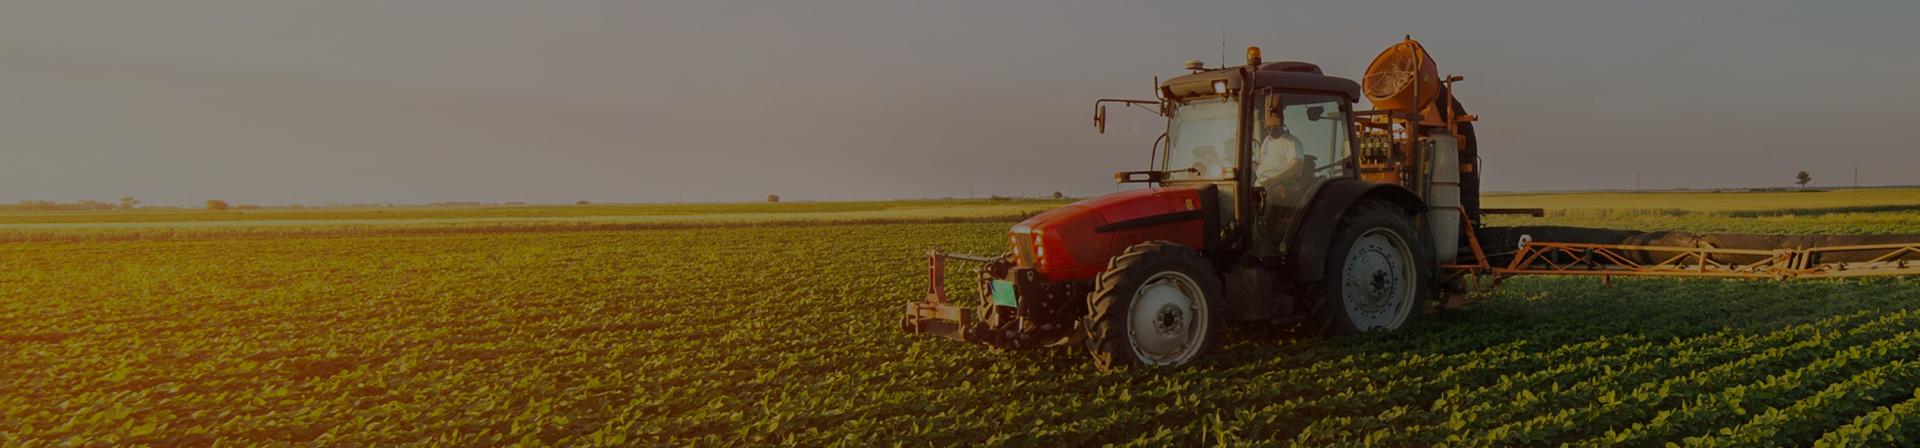 Ne-am angajat să oferim clienților noștri utilaj agricol de performanță.